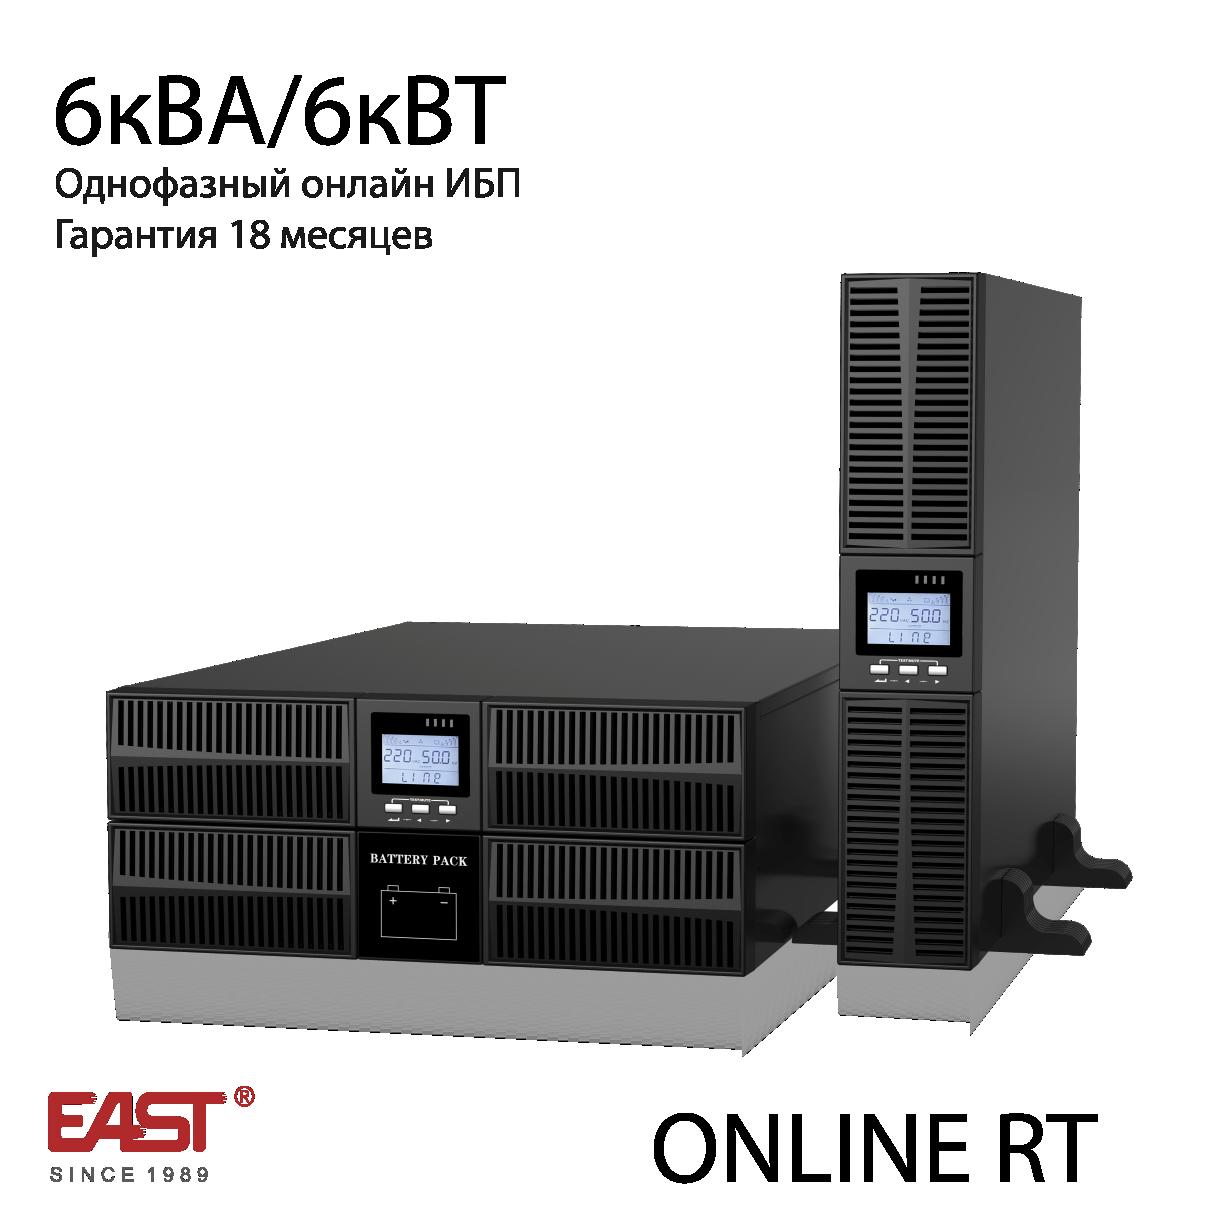 Источник бесперебойного питания, EA900 G4 RT, 6кВА/6кВт, в универсальном корпусе RT (башня/стойка)